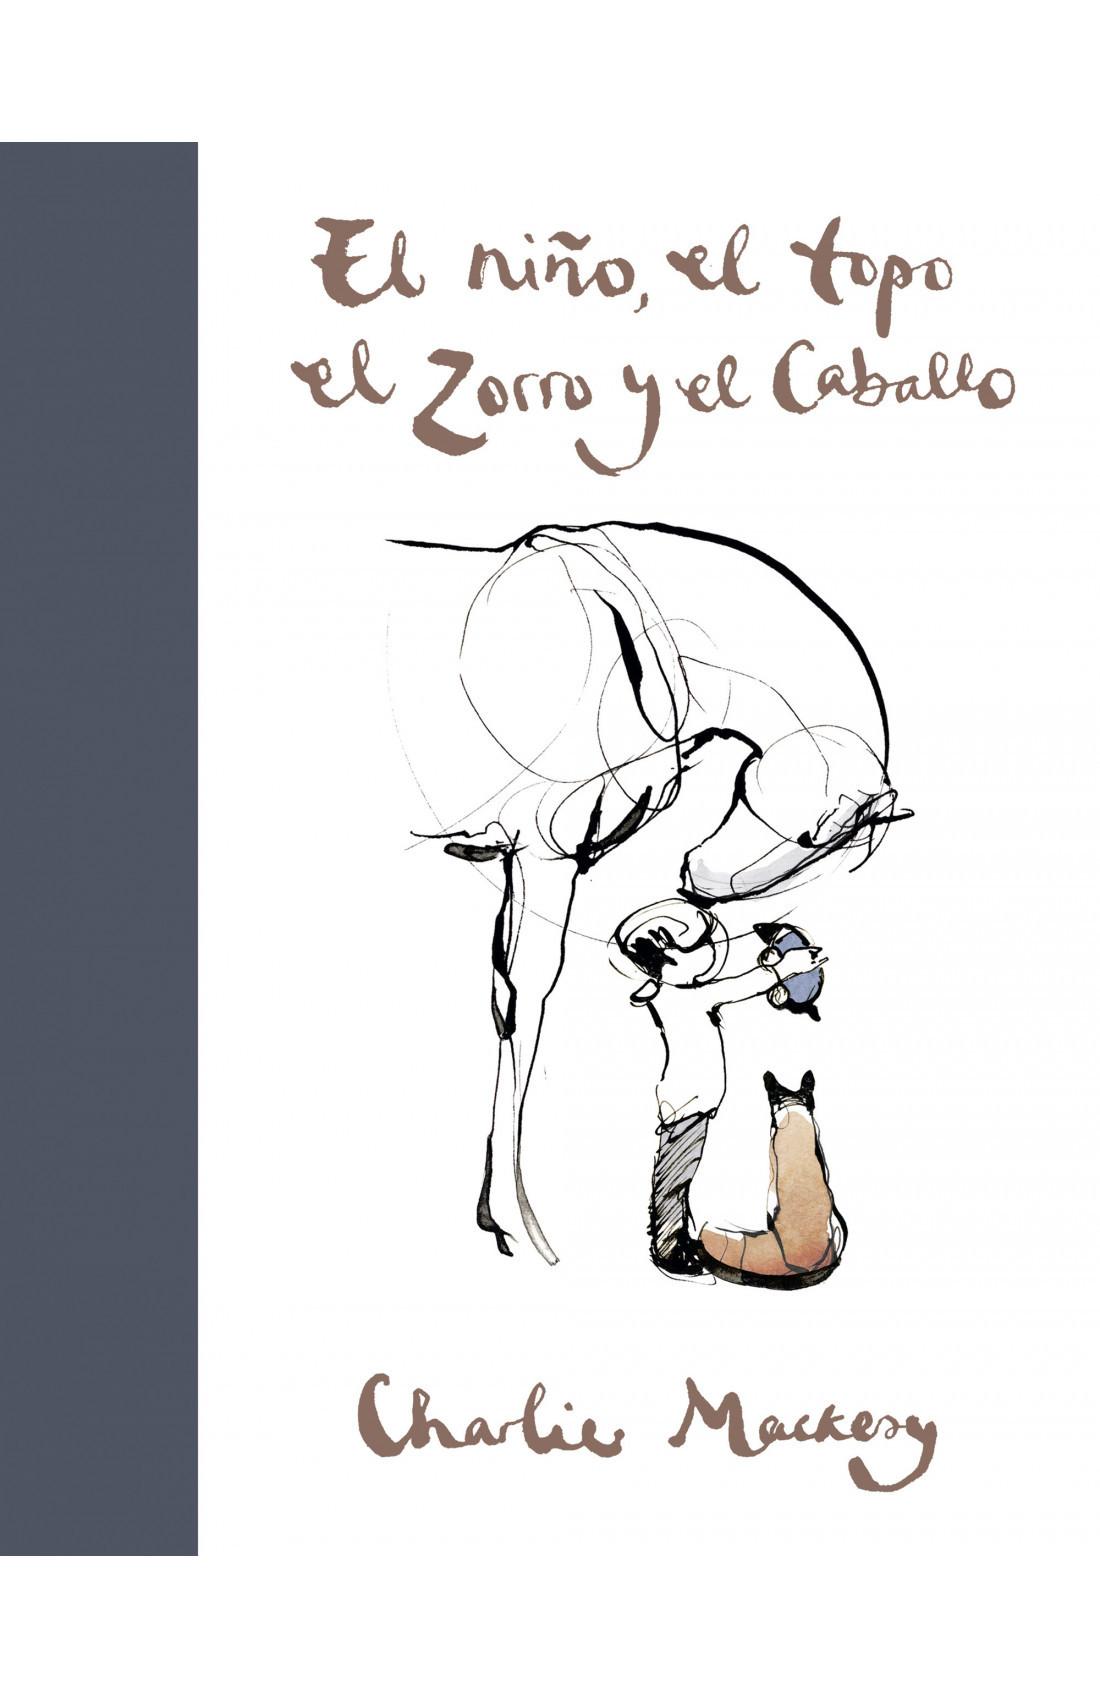 El niño, el zorro y el caballo de Charlie Mackesy. Editorial Suma.